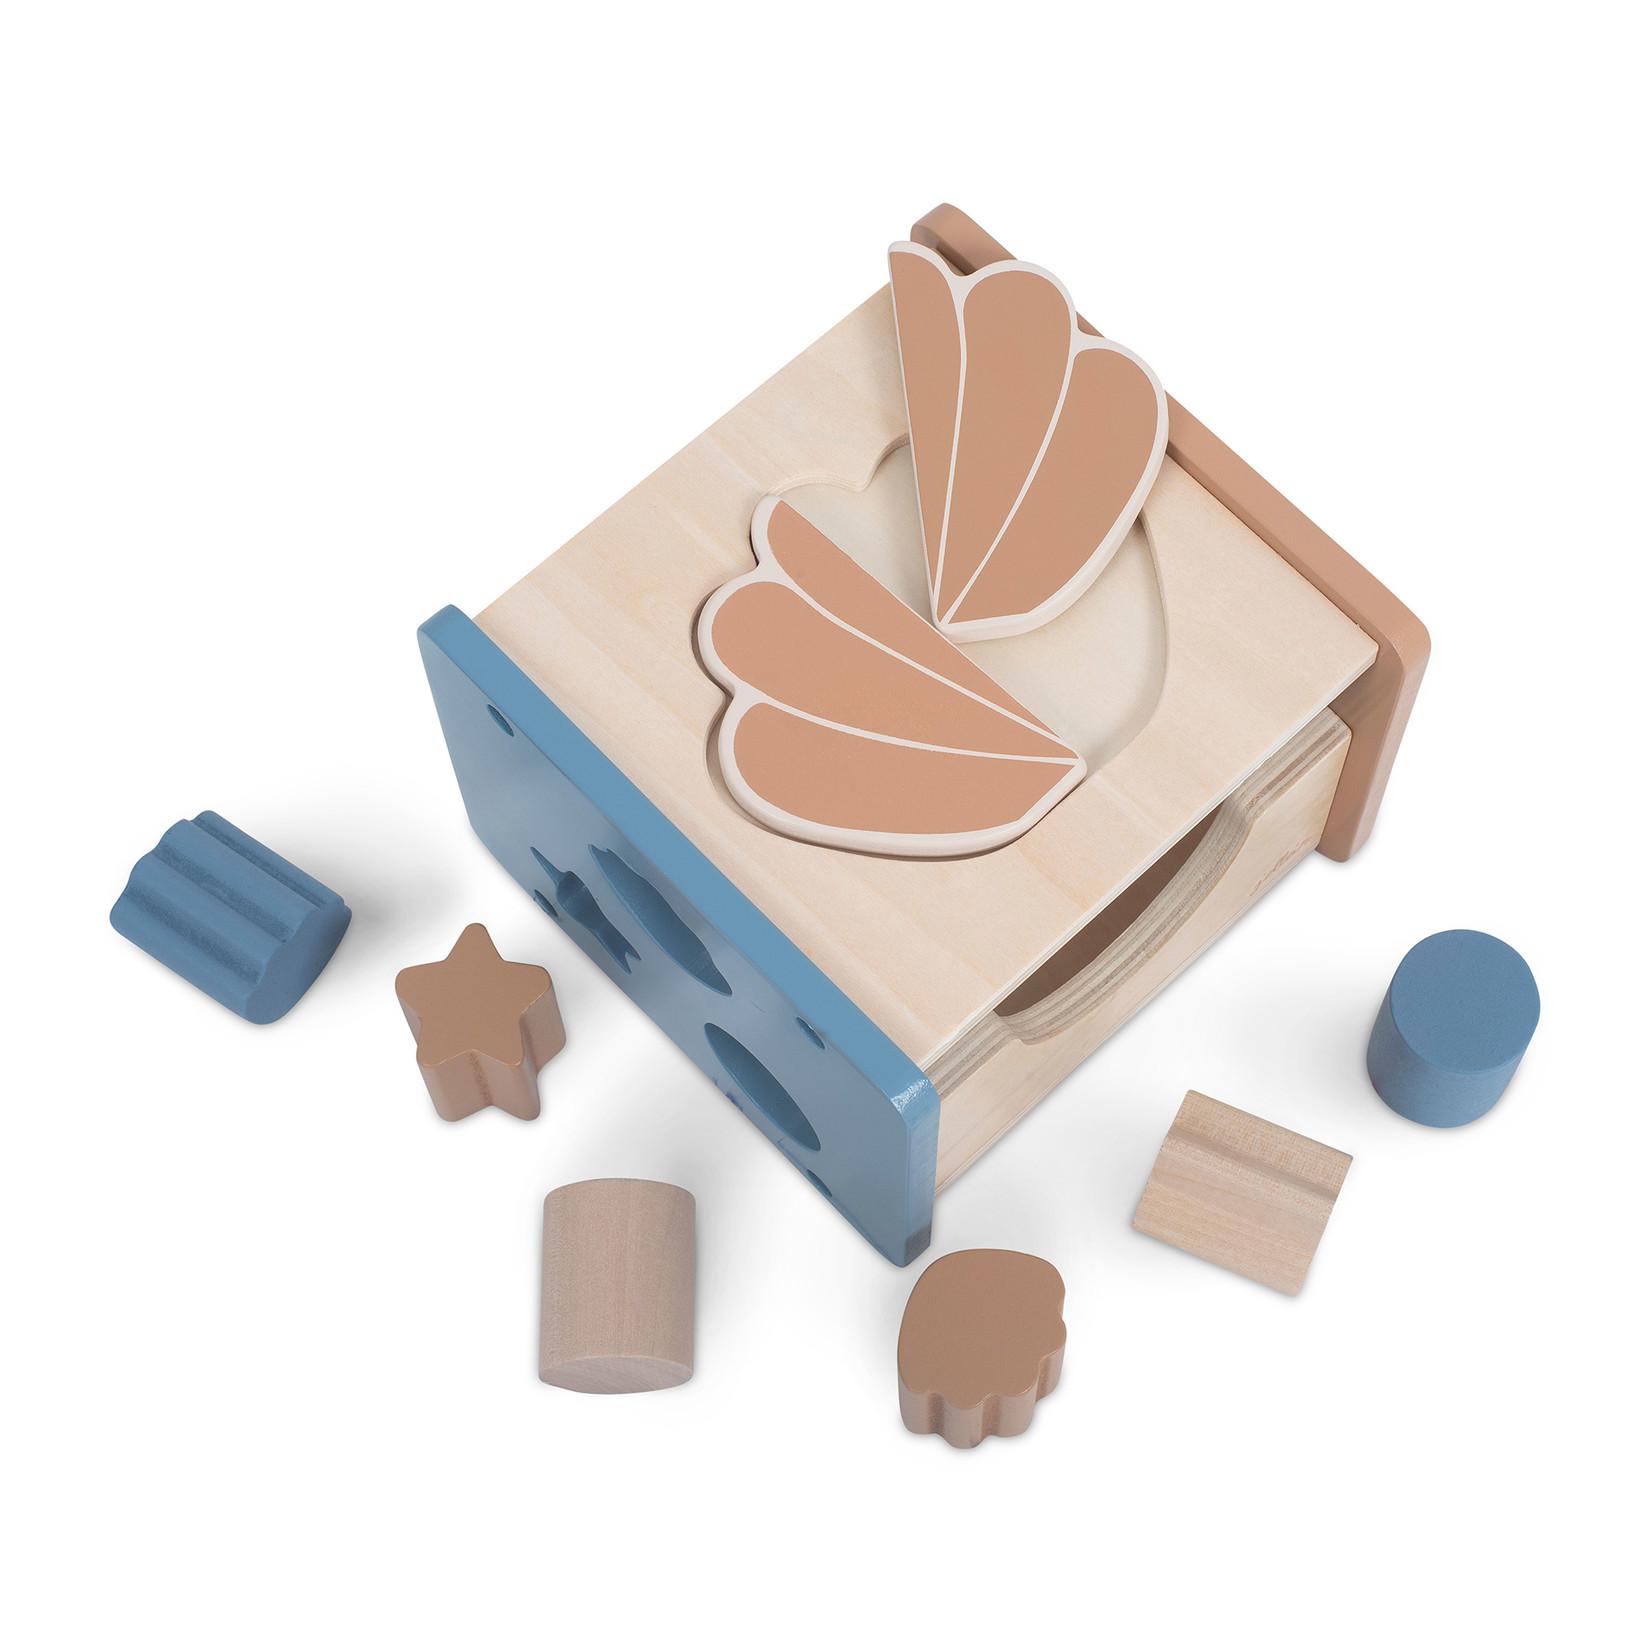 Jollein Houten blokken vormensoof schelp blue